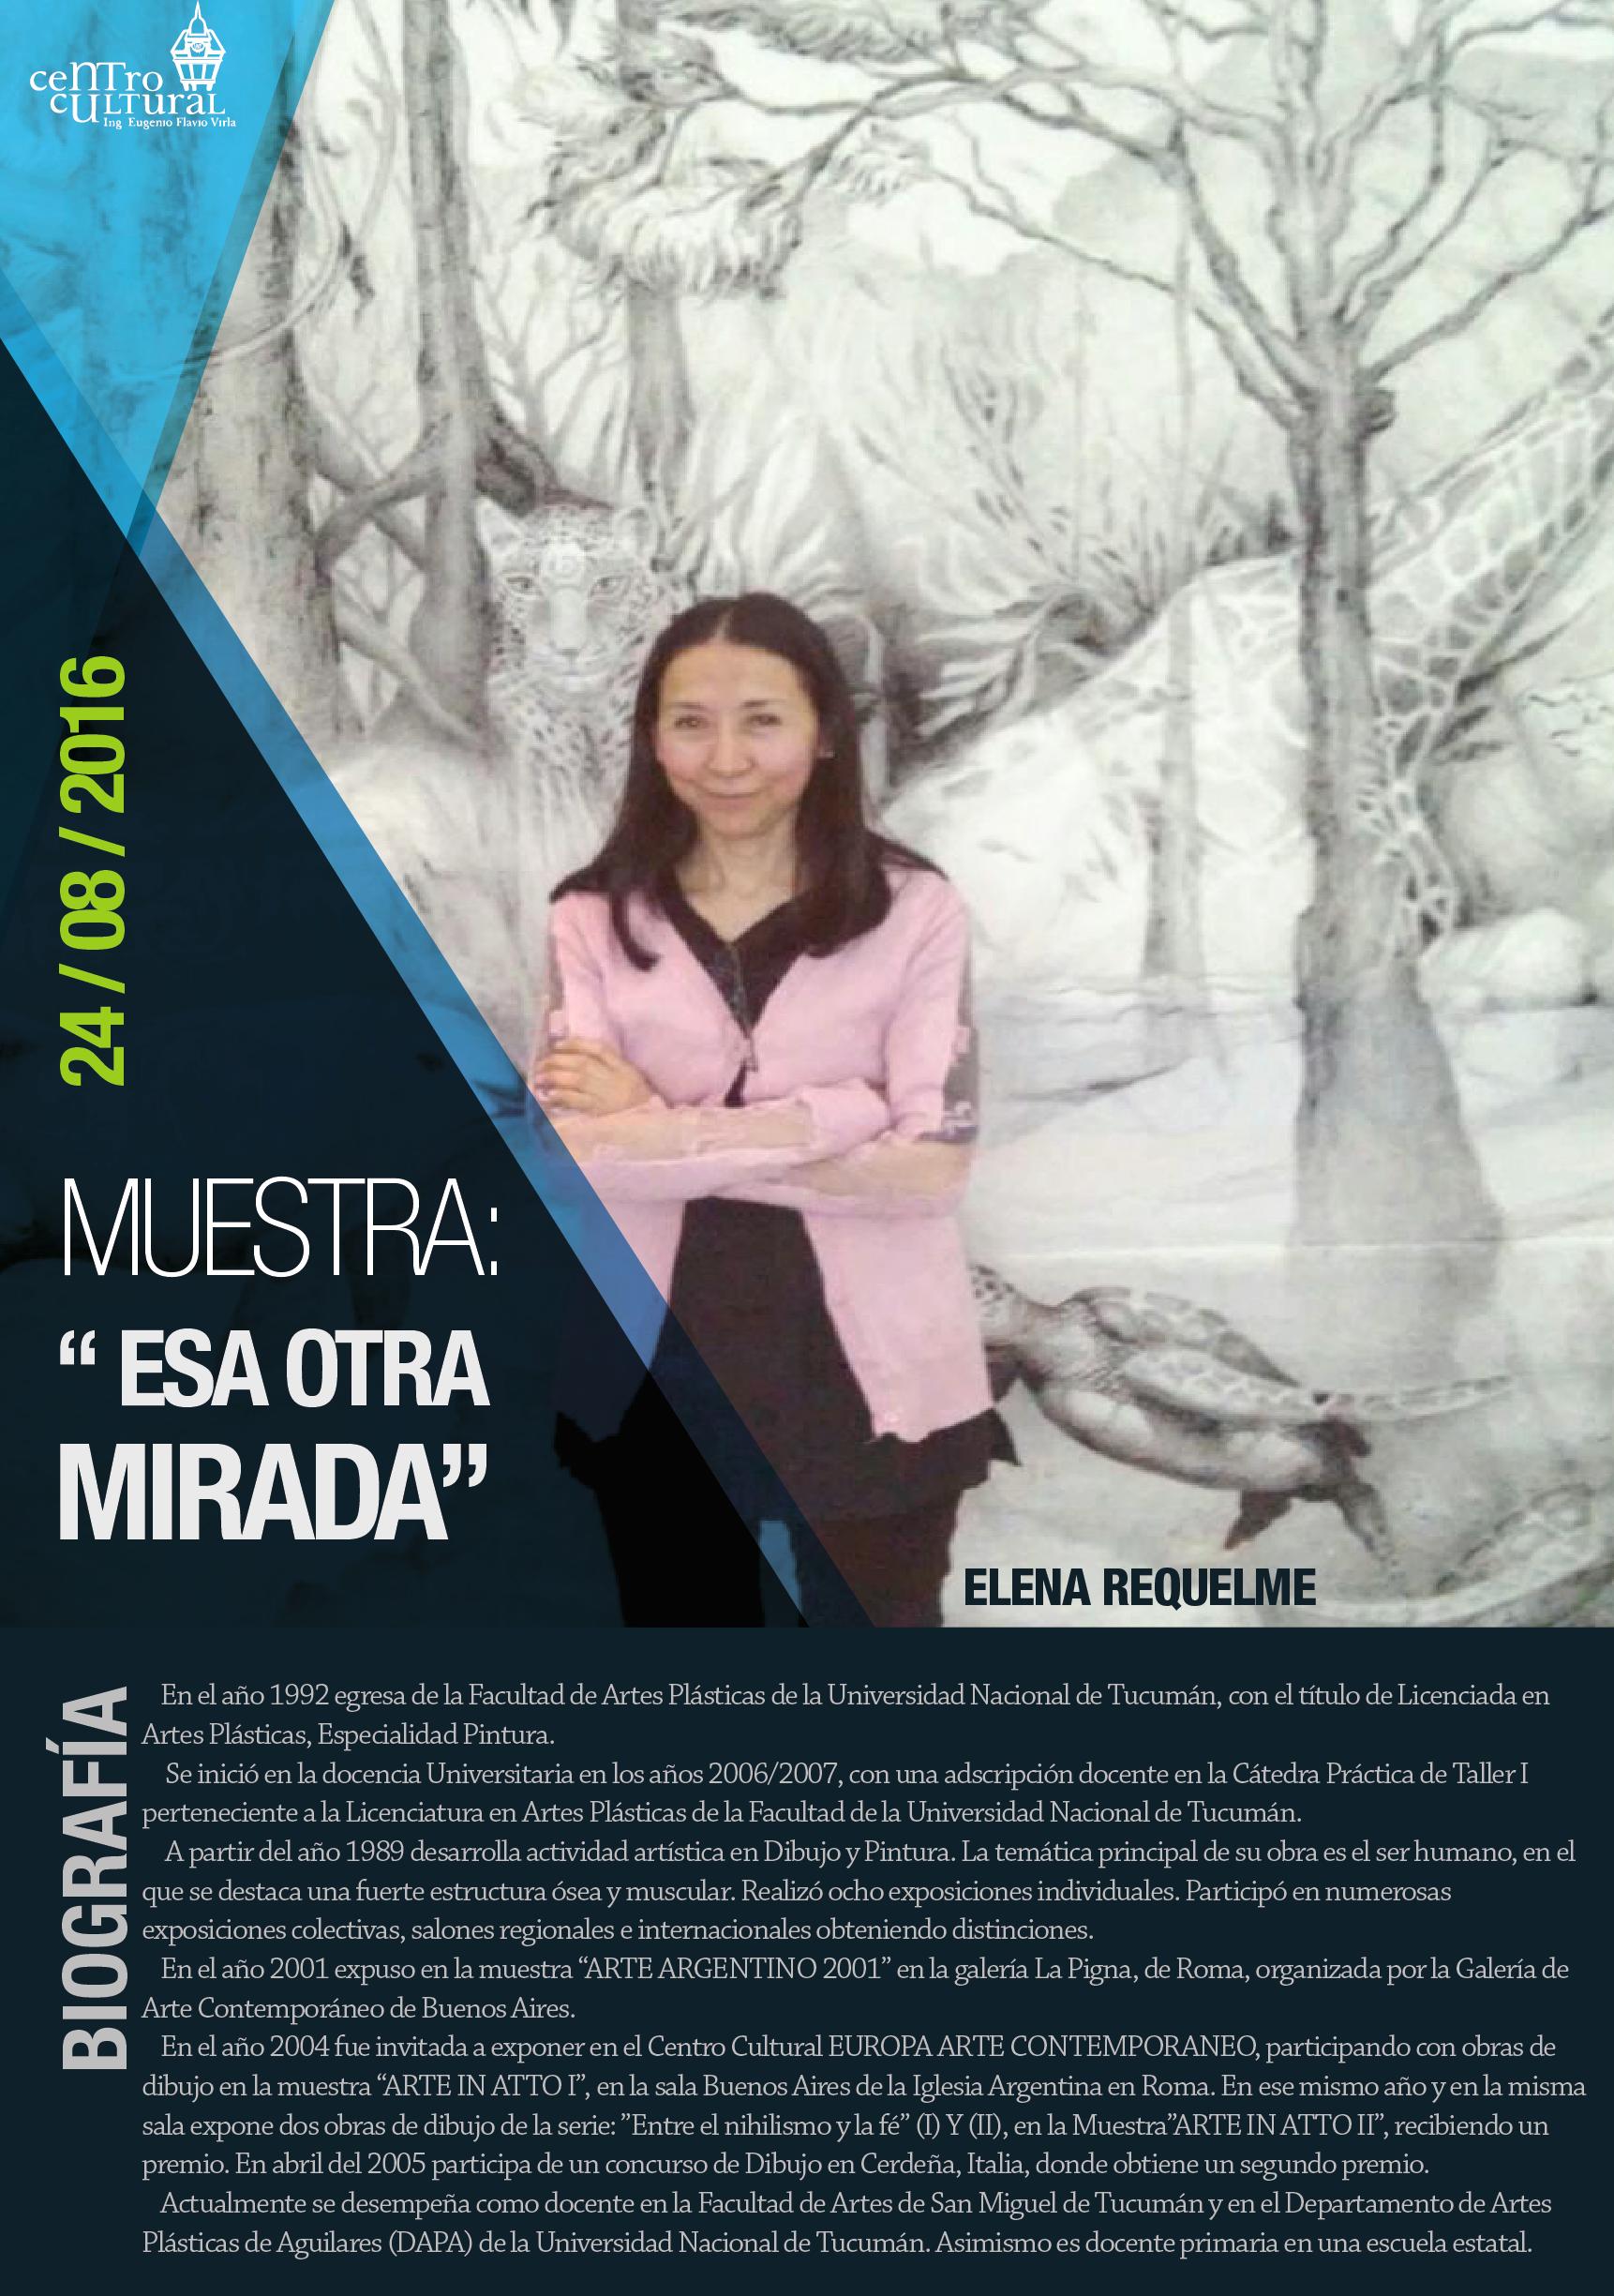 Mirada3